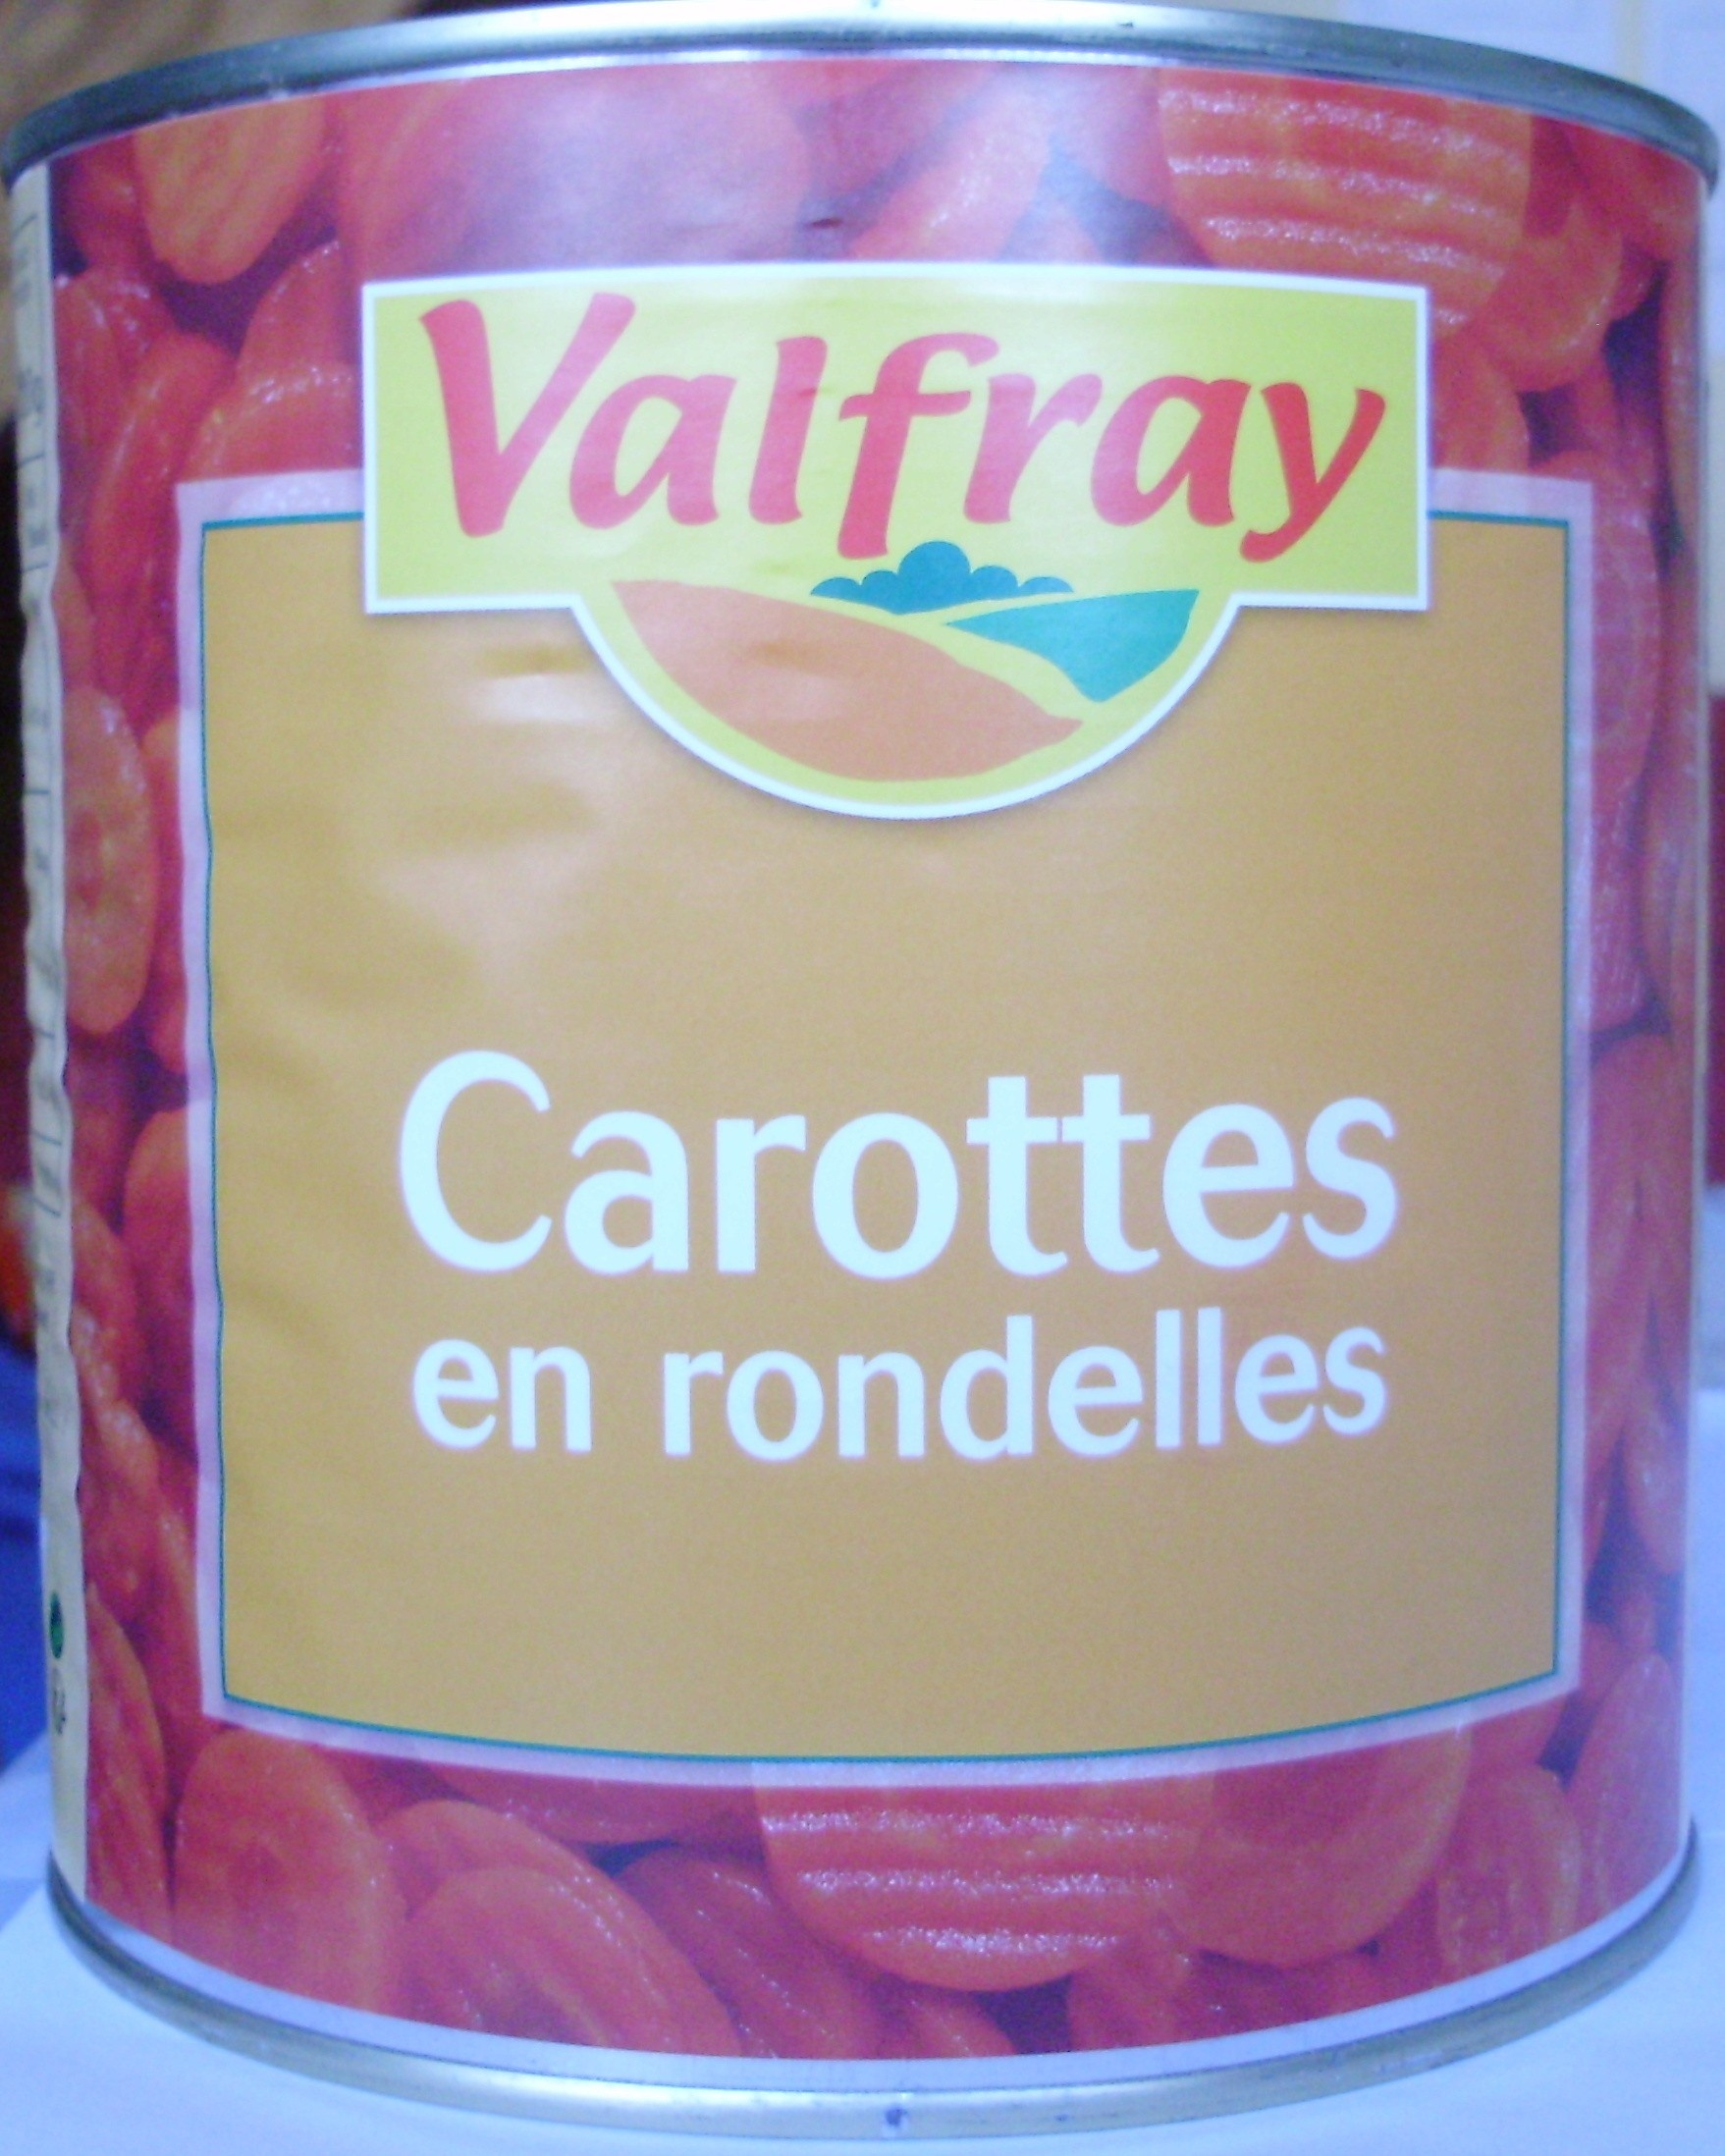 Carottes en rondelles - Produit - fr